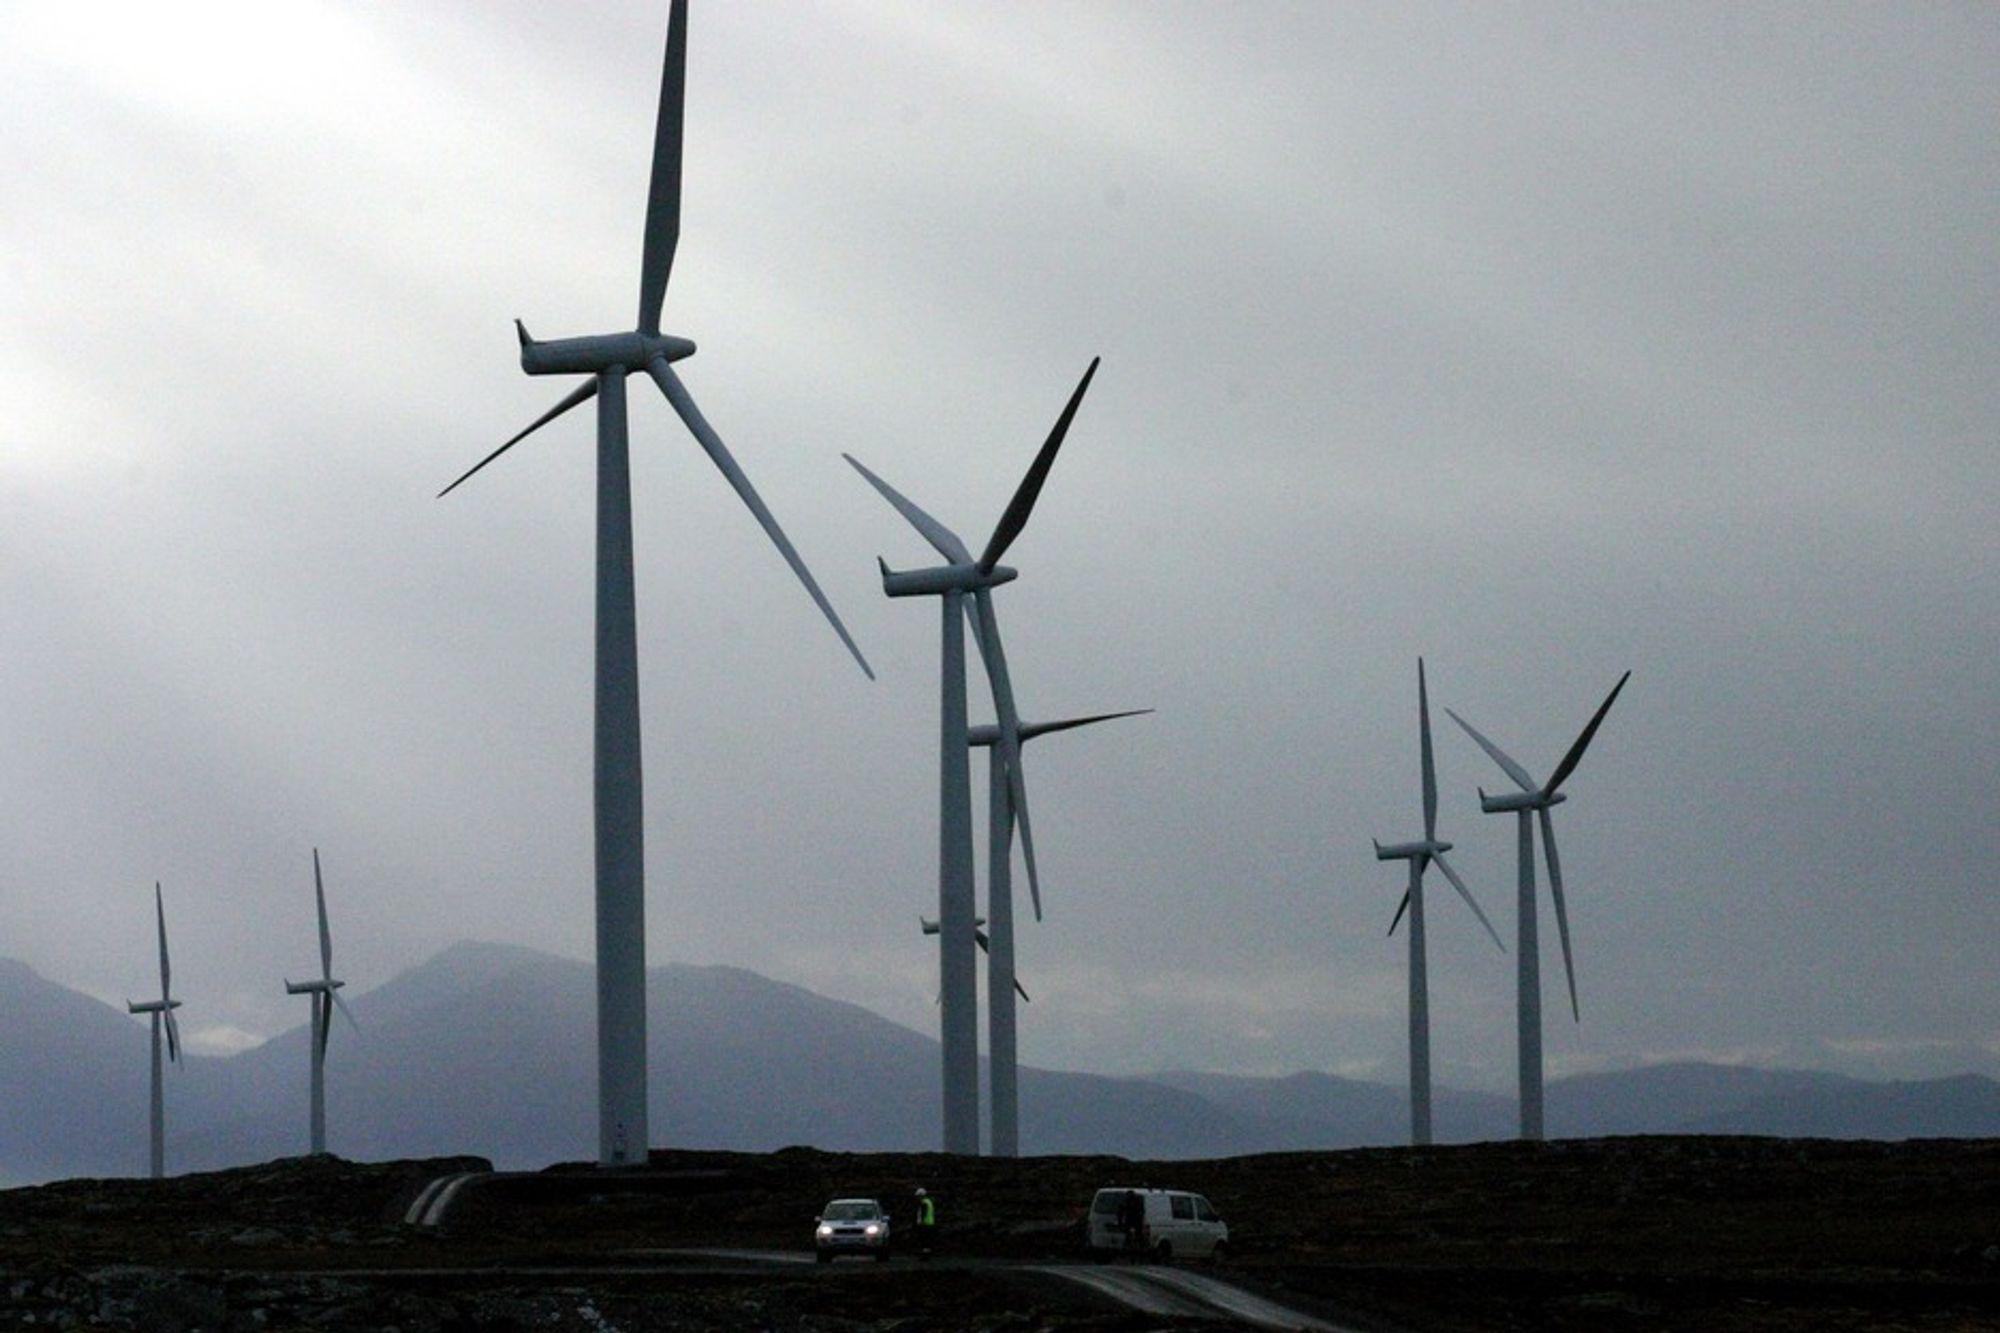 Skjærtorsdag protesterer organisasjonen Stopp raseringen av kysten mot vindkraftutbygging.